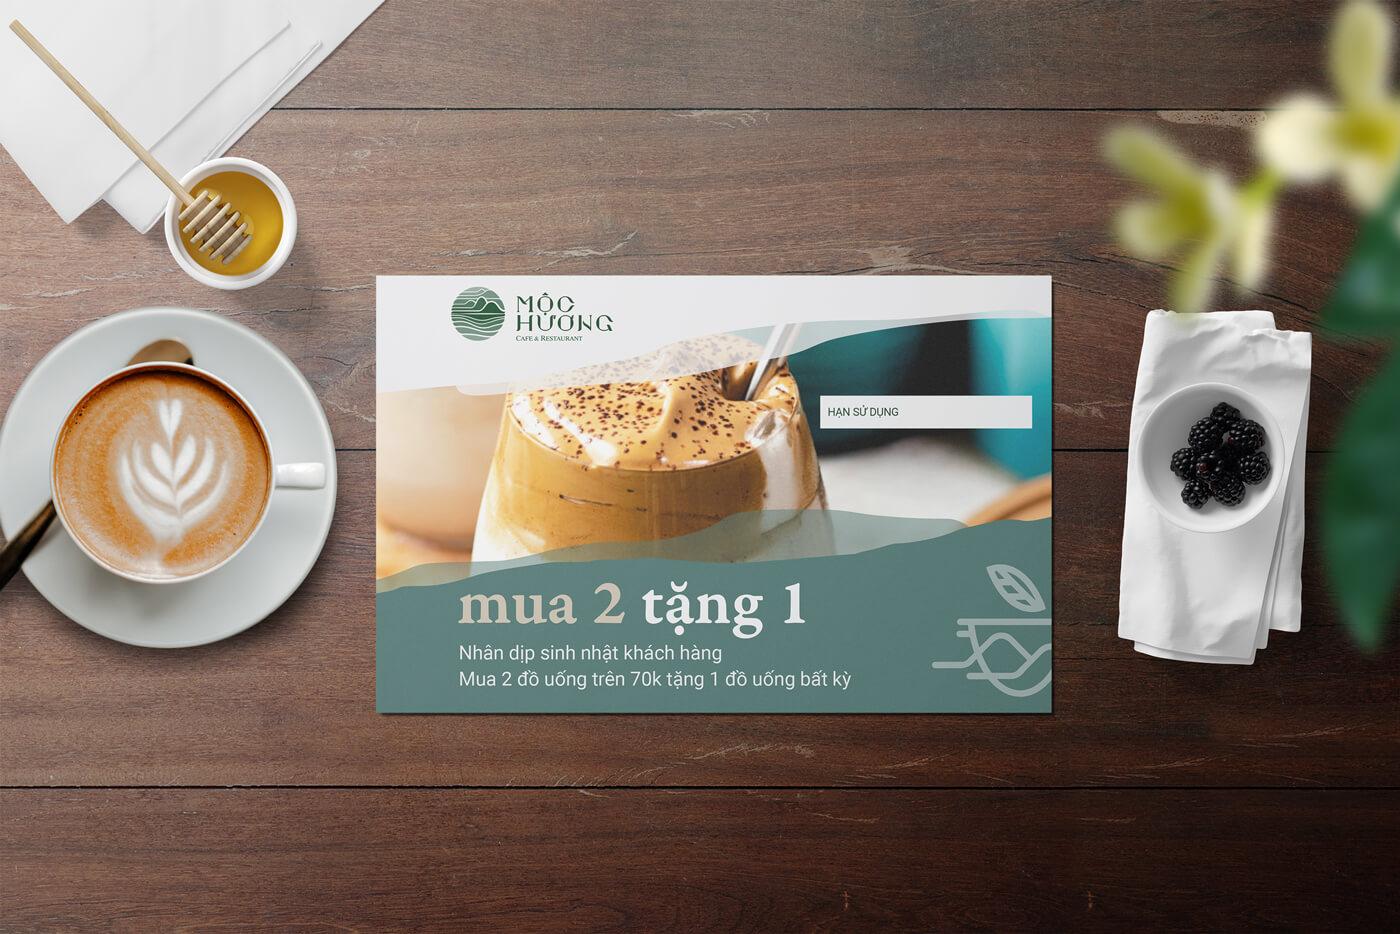 Thiết kế thương hiệu quán cafe Mộc Hương - Thái Nguyên - voucher